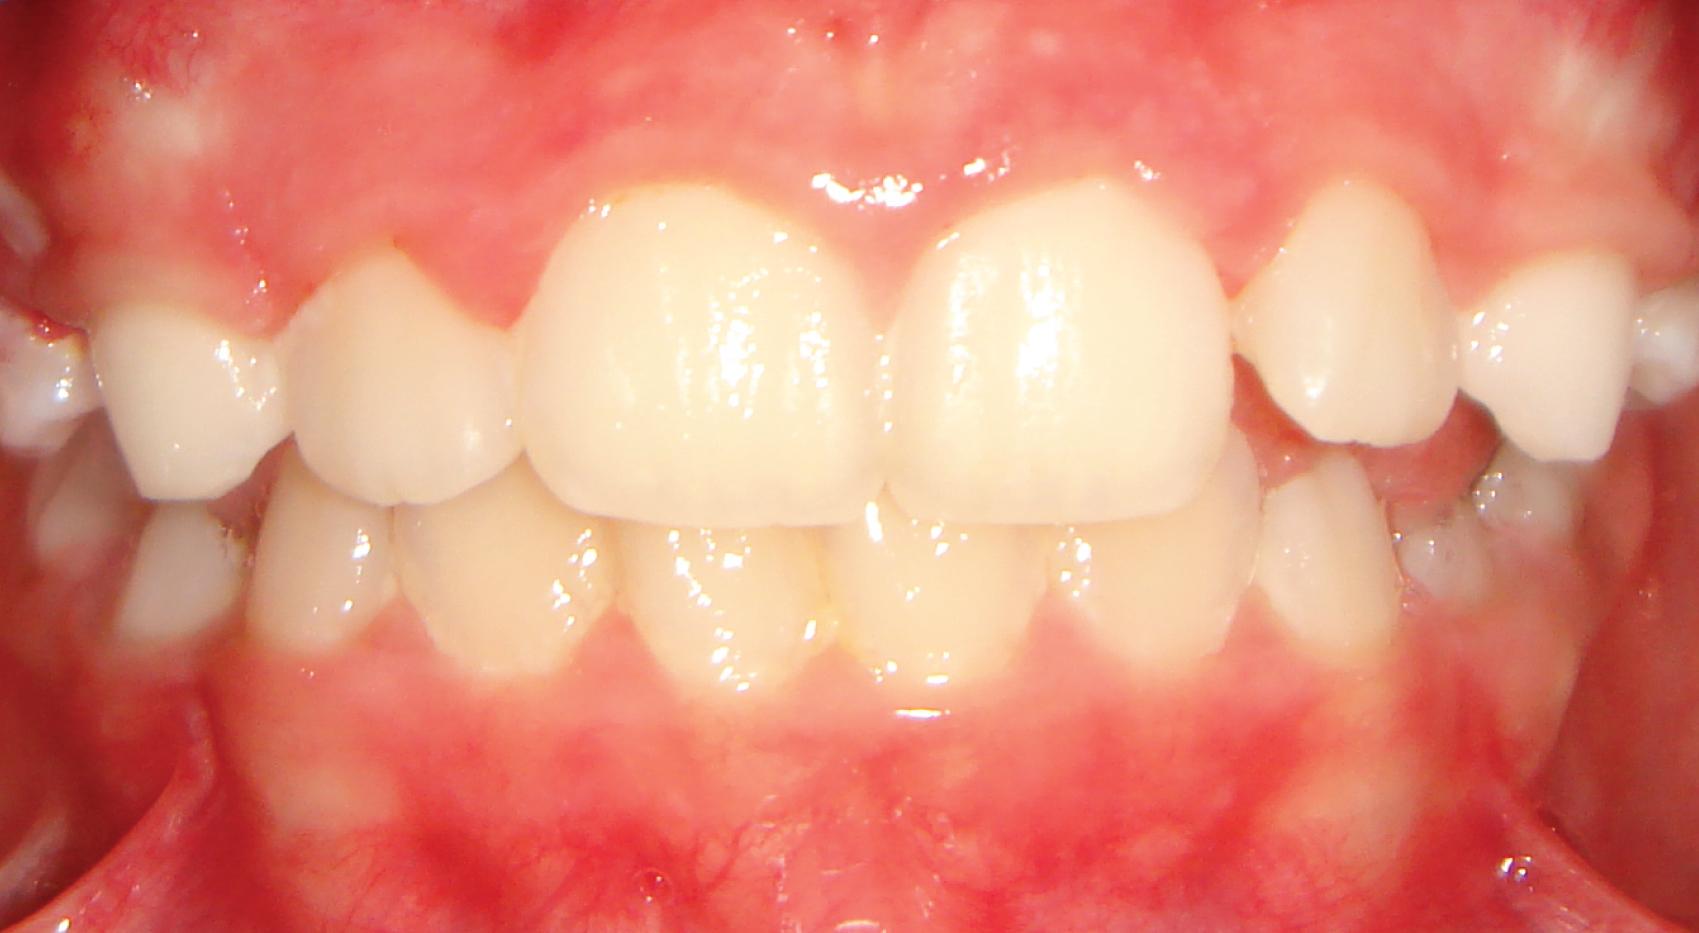 Ortodontia - Dentição superior recuada em relação à inferior